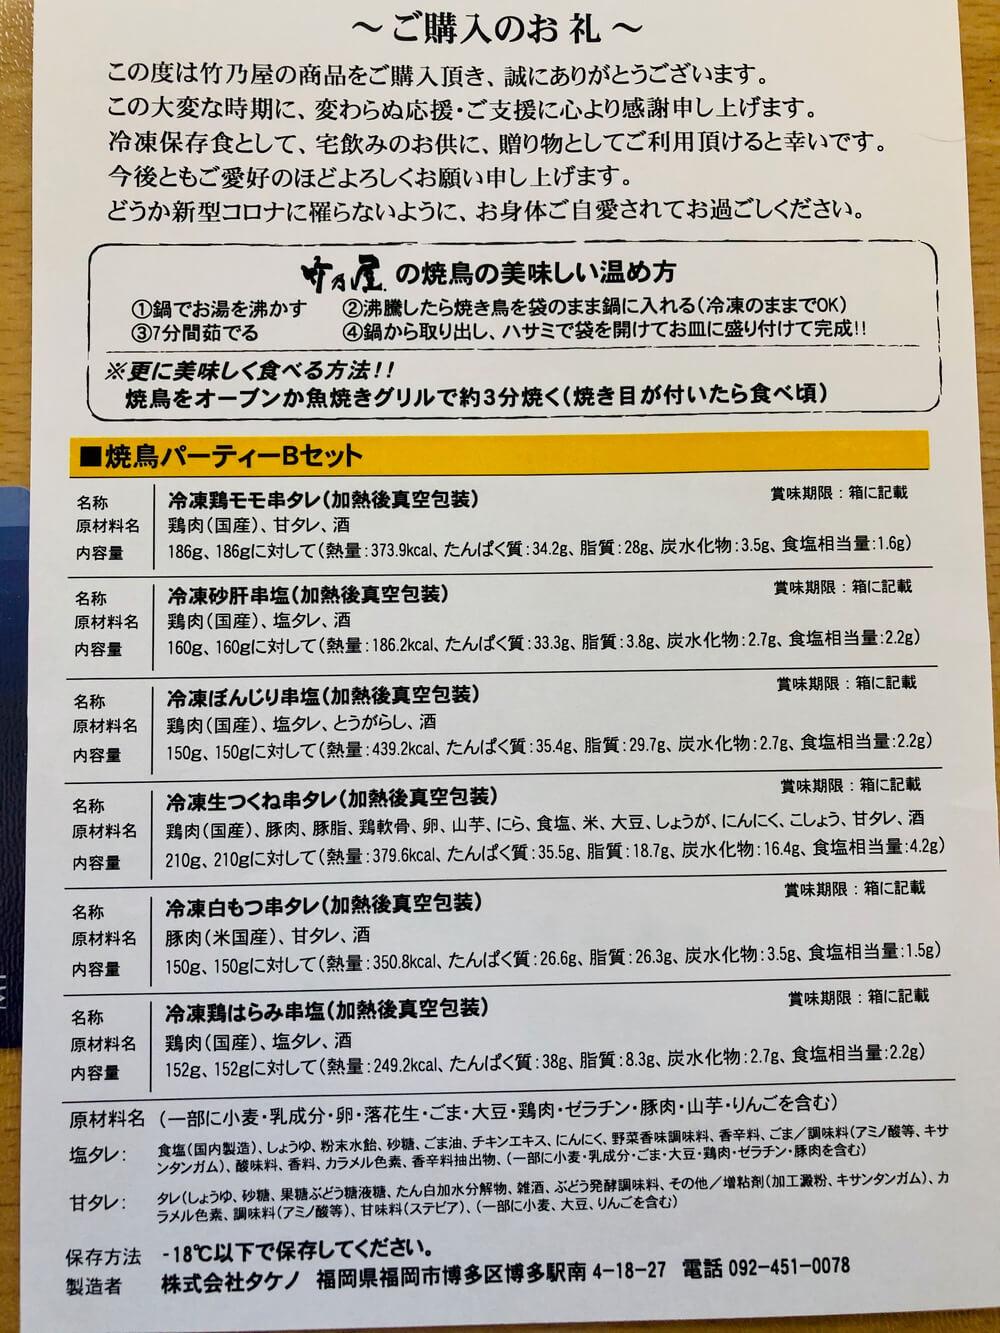 竹乃屋オンラインショップ「焼鳥パーティーBセット」